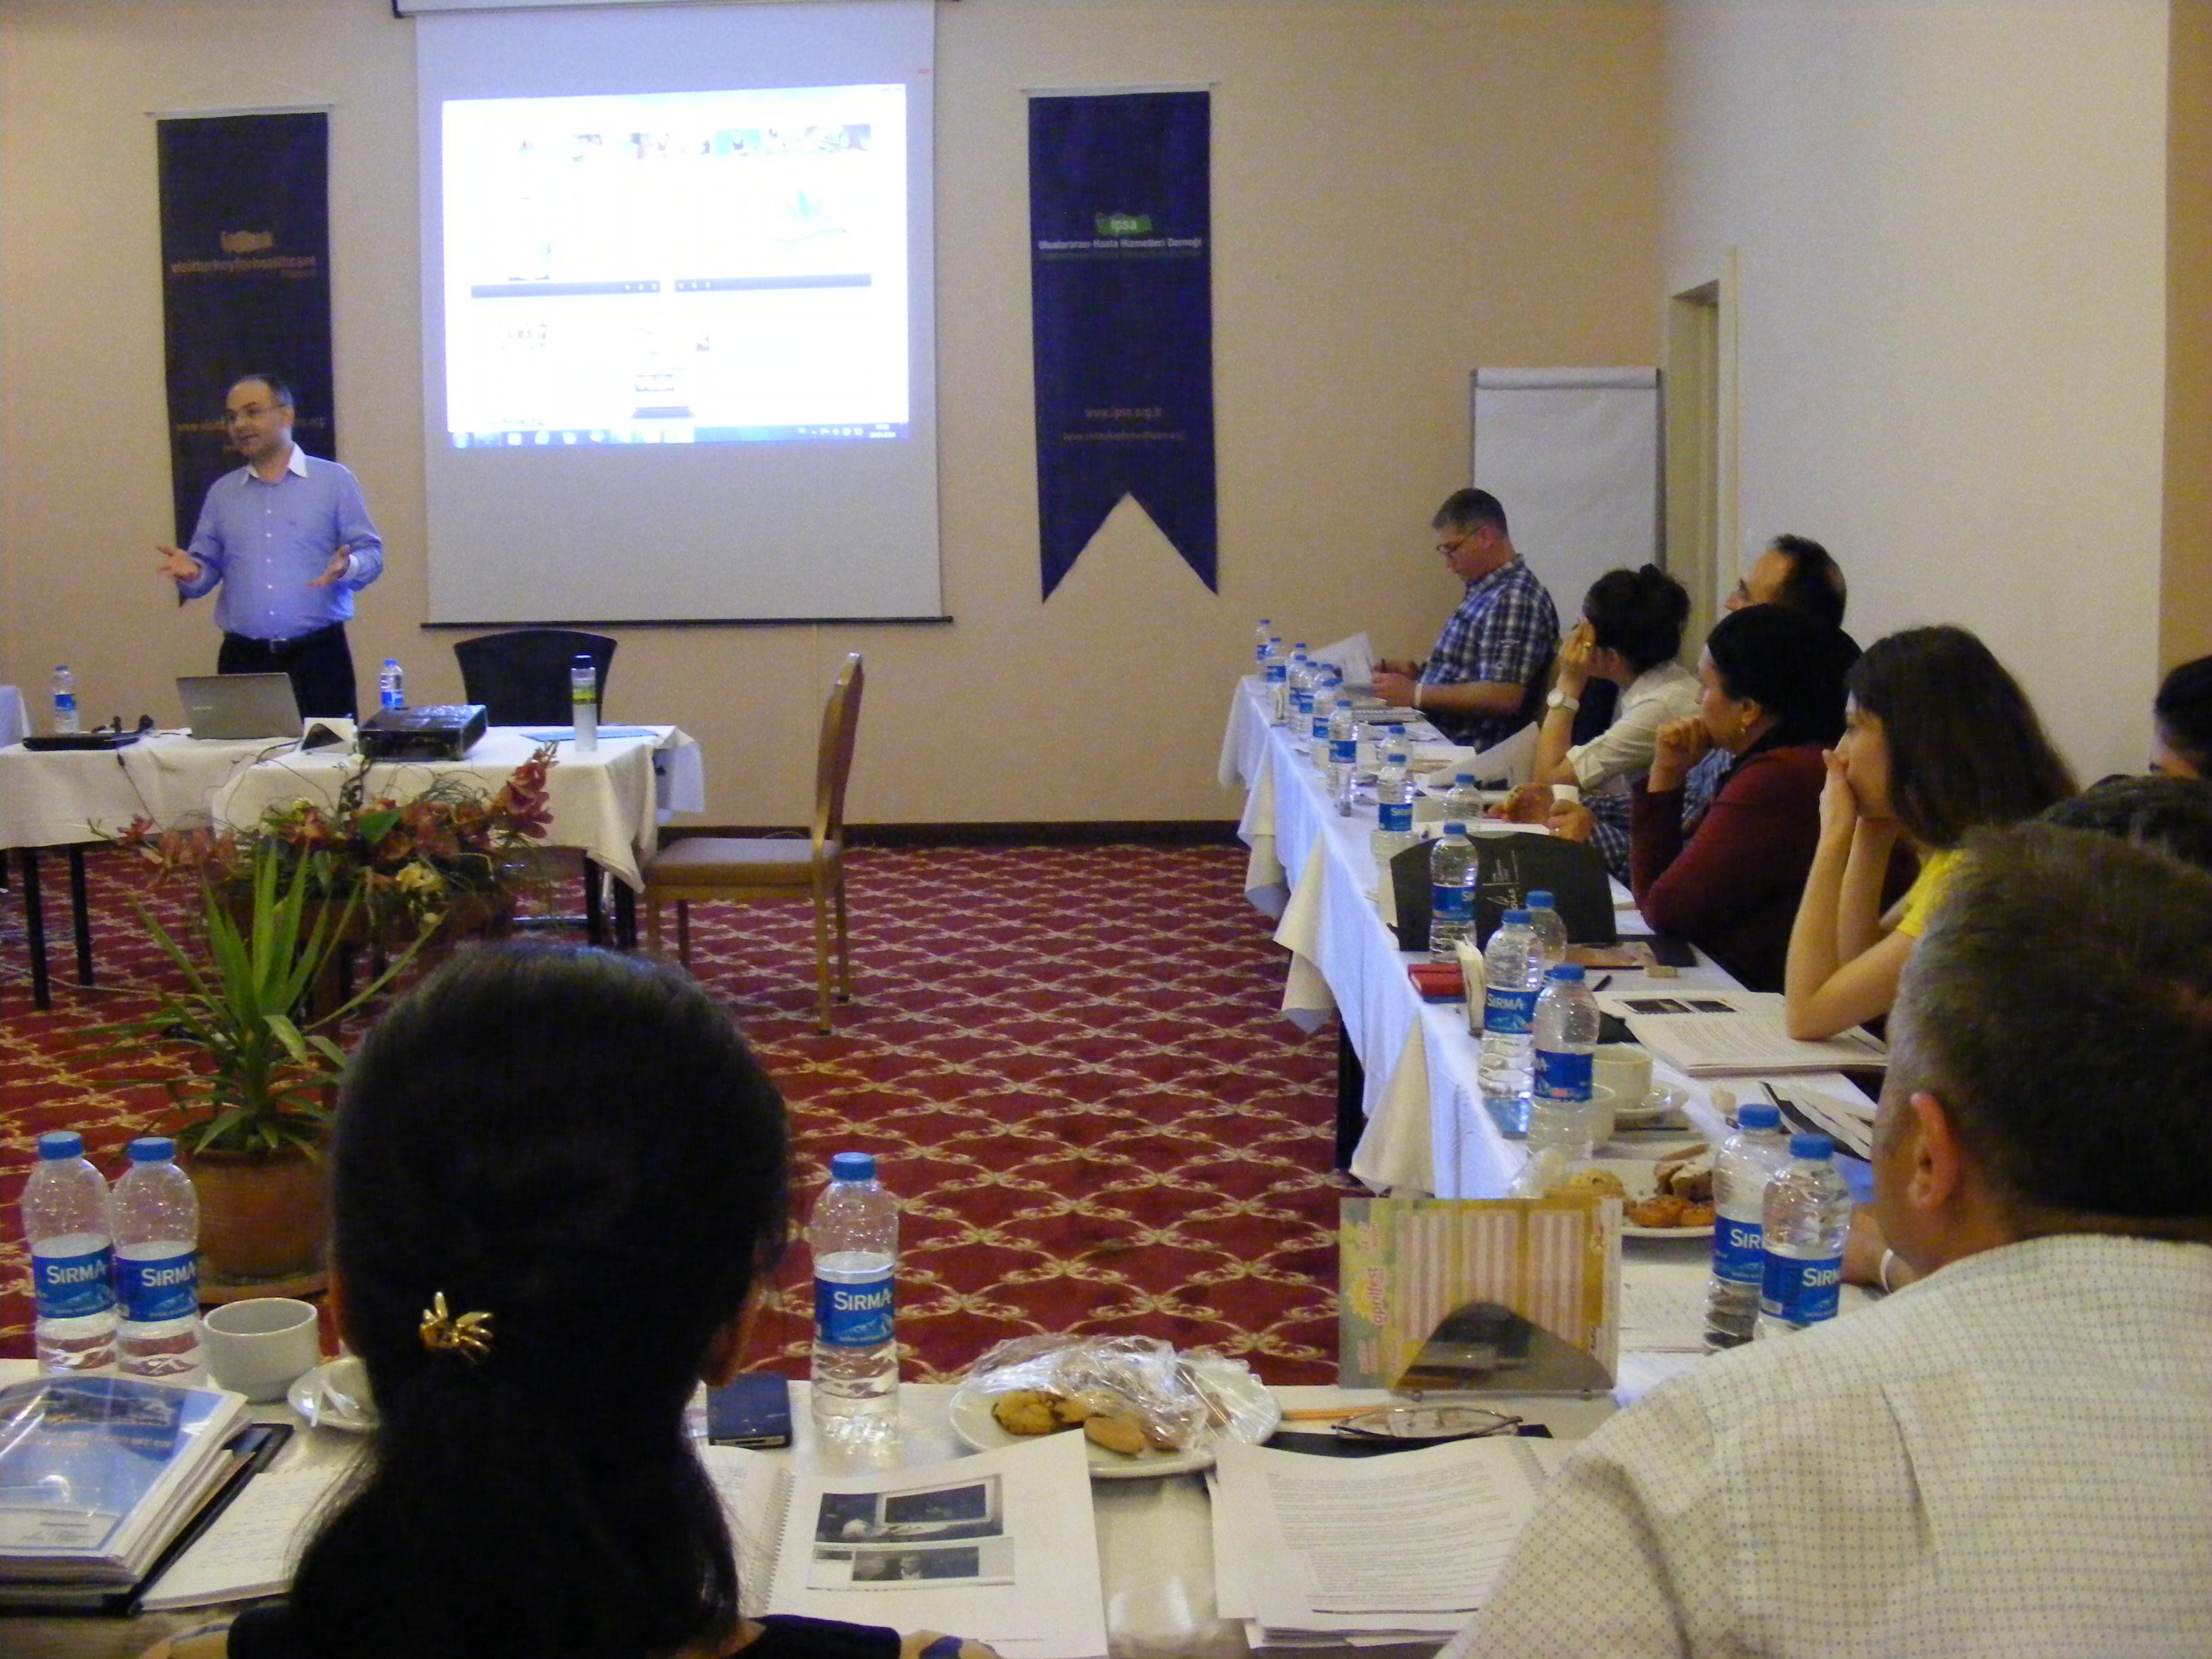 Sağlık Turizminde Tele-Konsültasyon ve Video Konferans Sistemlerinin Kullanımını Canlı Canlı Gösterdik